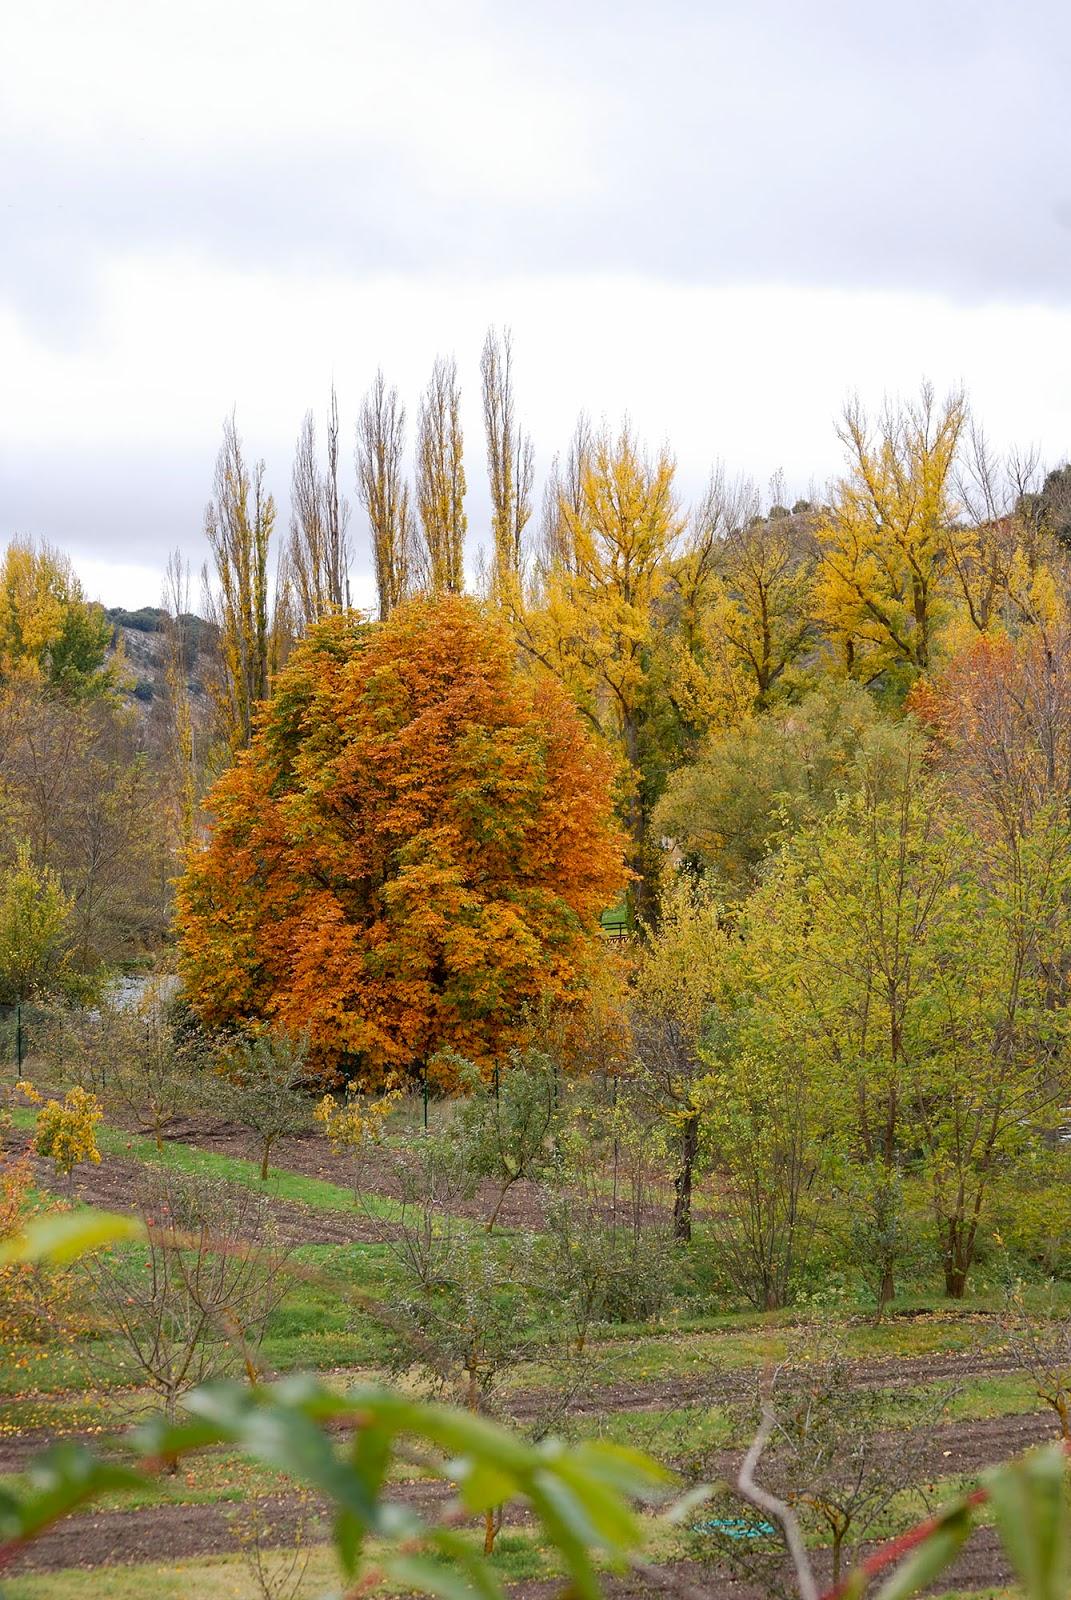 soria duero douro river rio spain otoño autumn fall foliage landscape